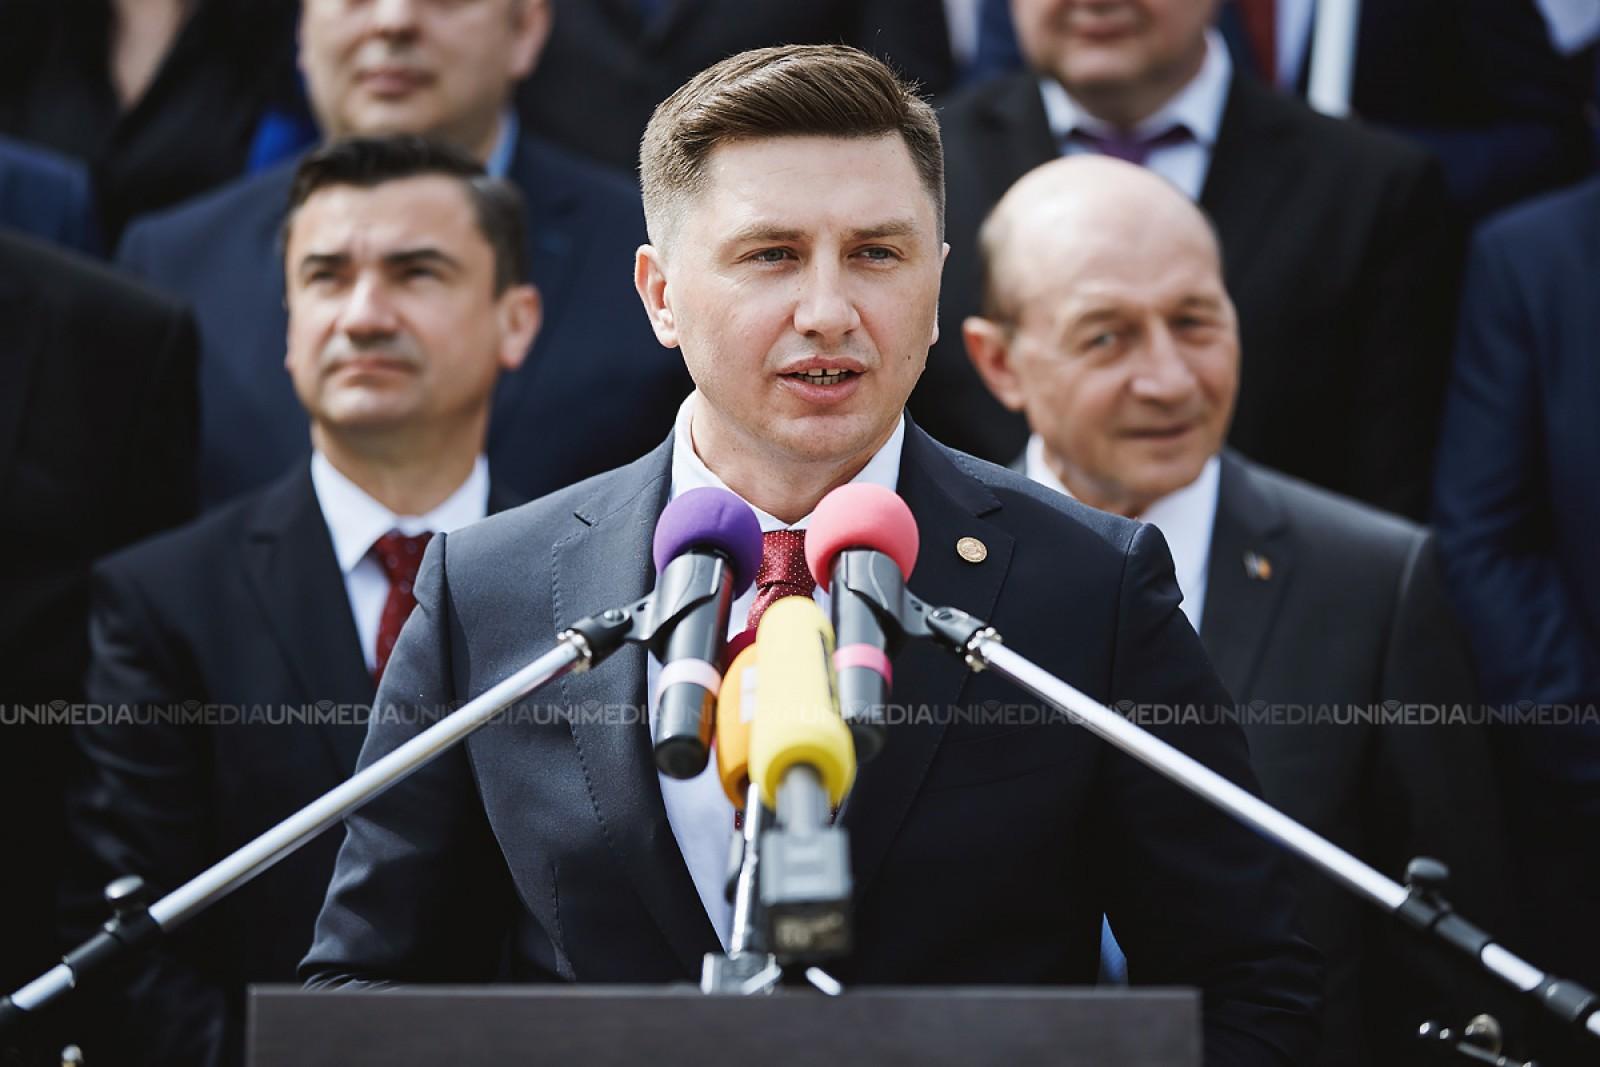 Ucraina intenționează să retragă cetățenia sa ucrainenilor care și-au restabilit cetățenia română. Constantin Codreanu cere implicarea Guvernului român în acest caz